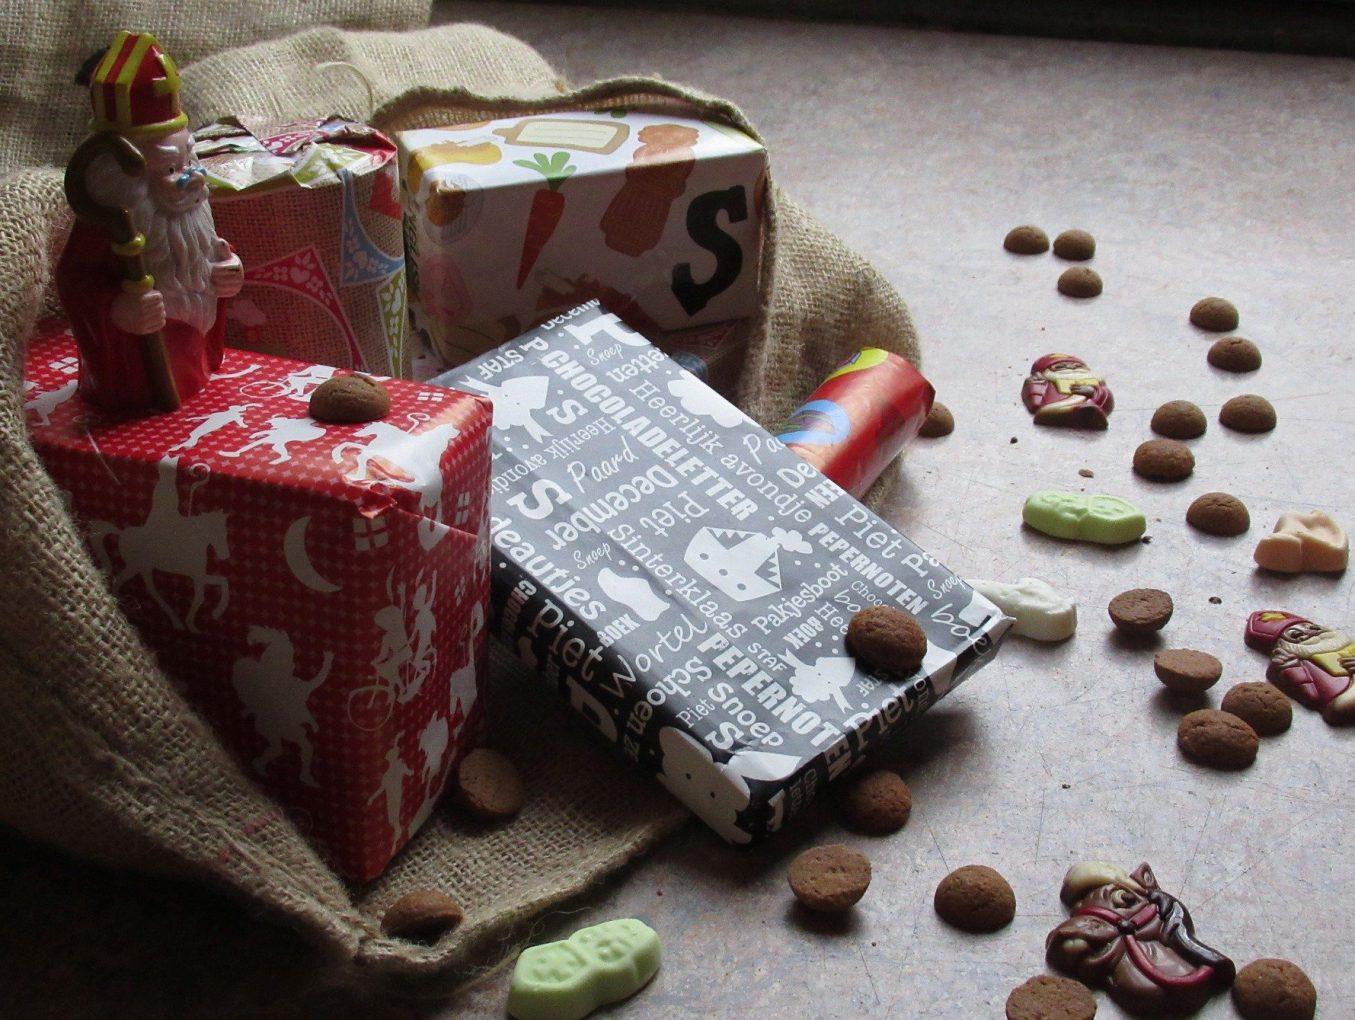 De Maretak helpt Sinterklaas met een 'Speciaal voor jou' cadeau